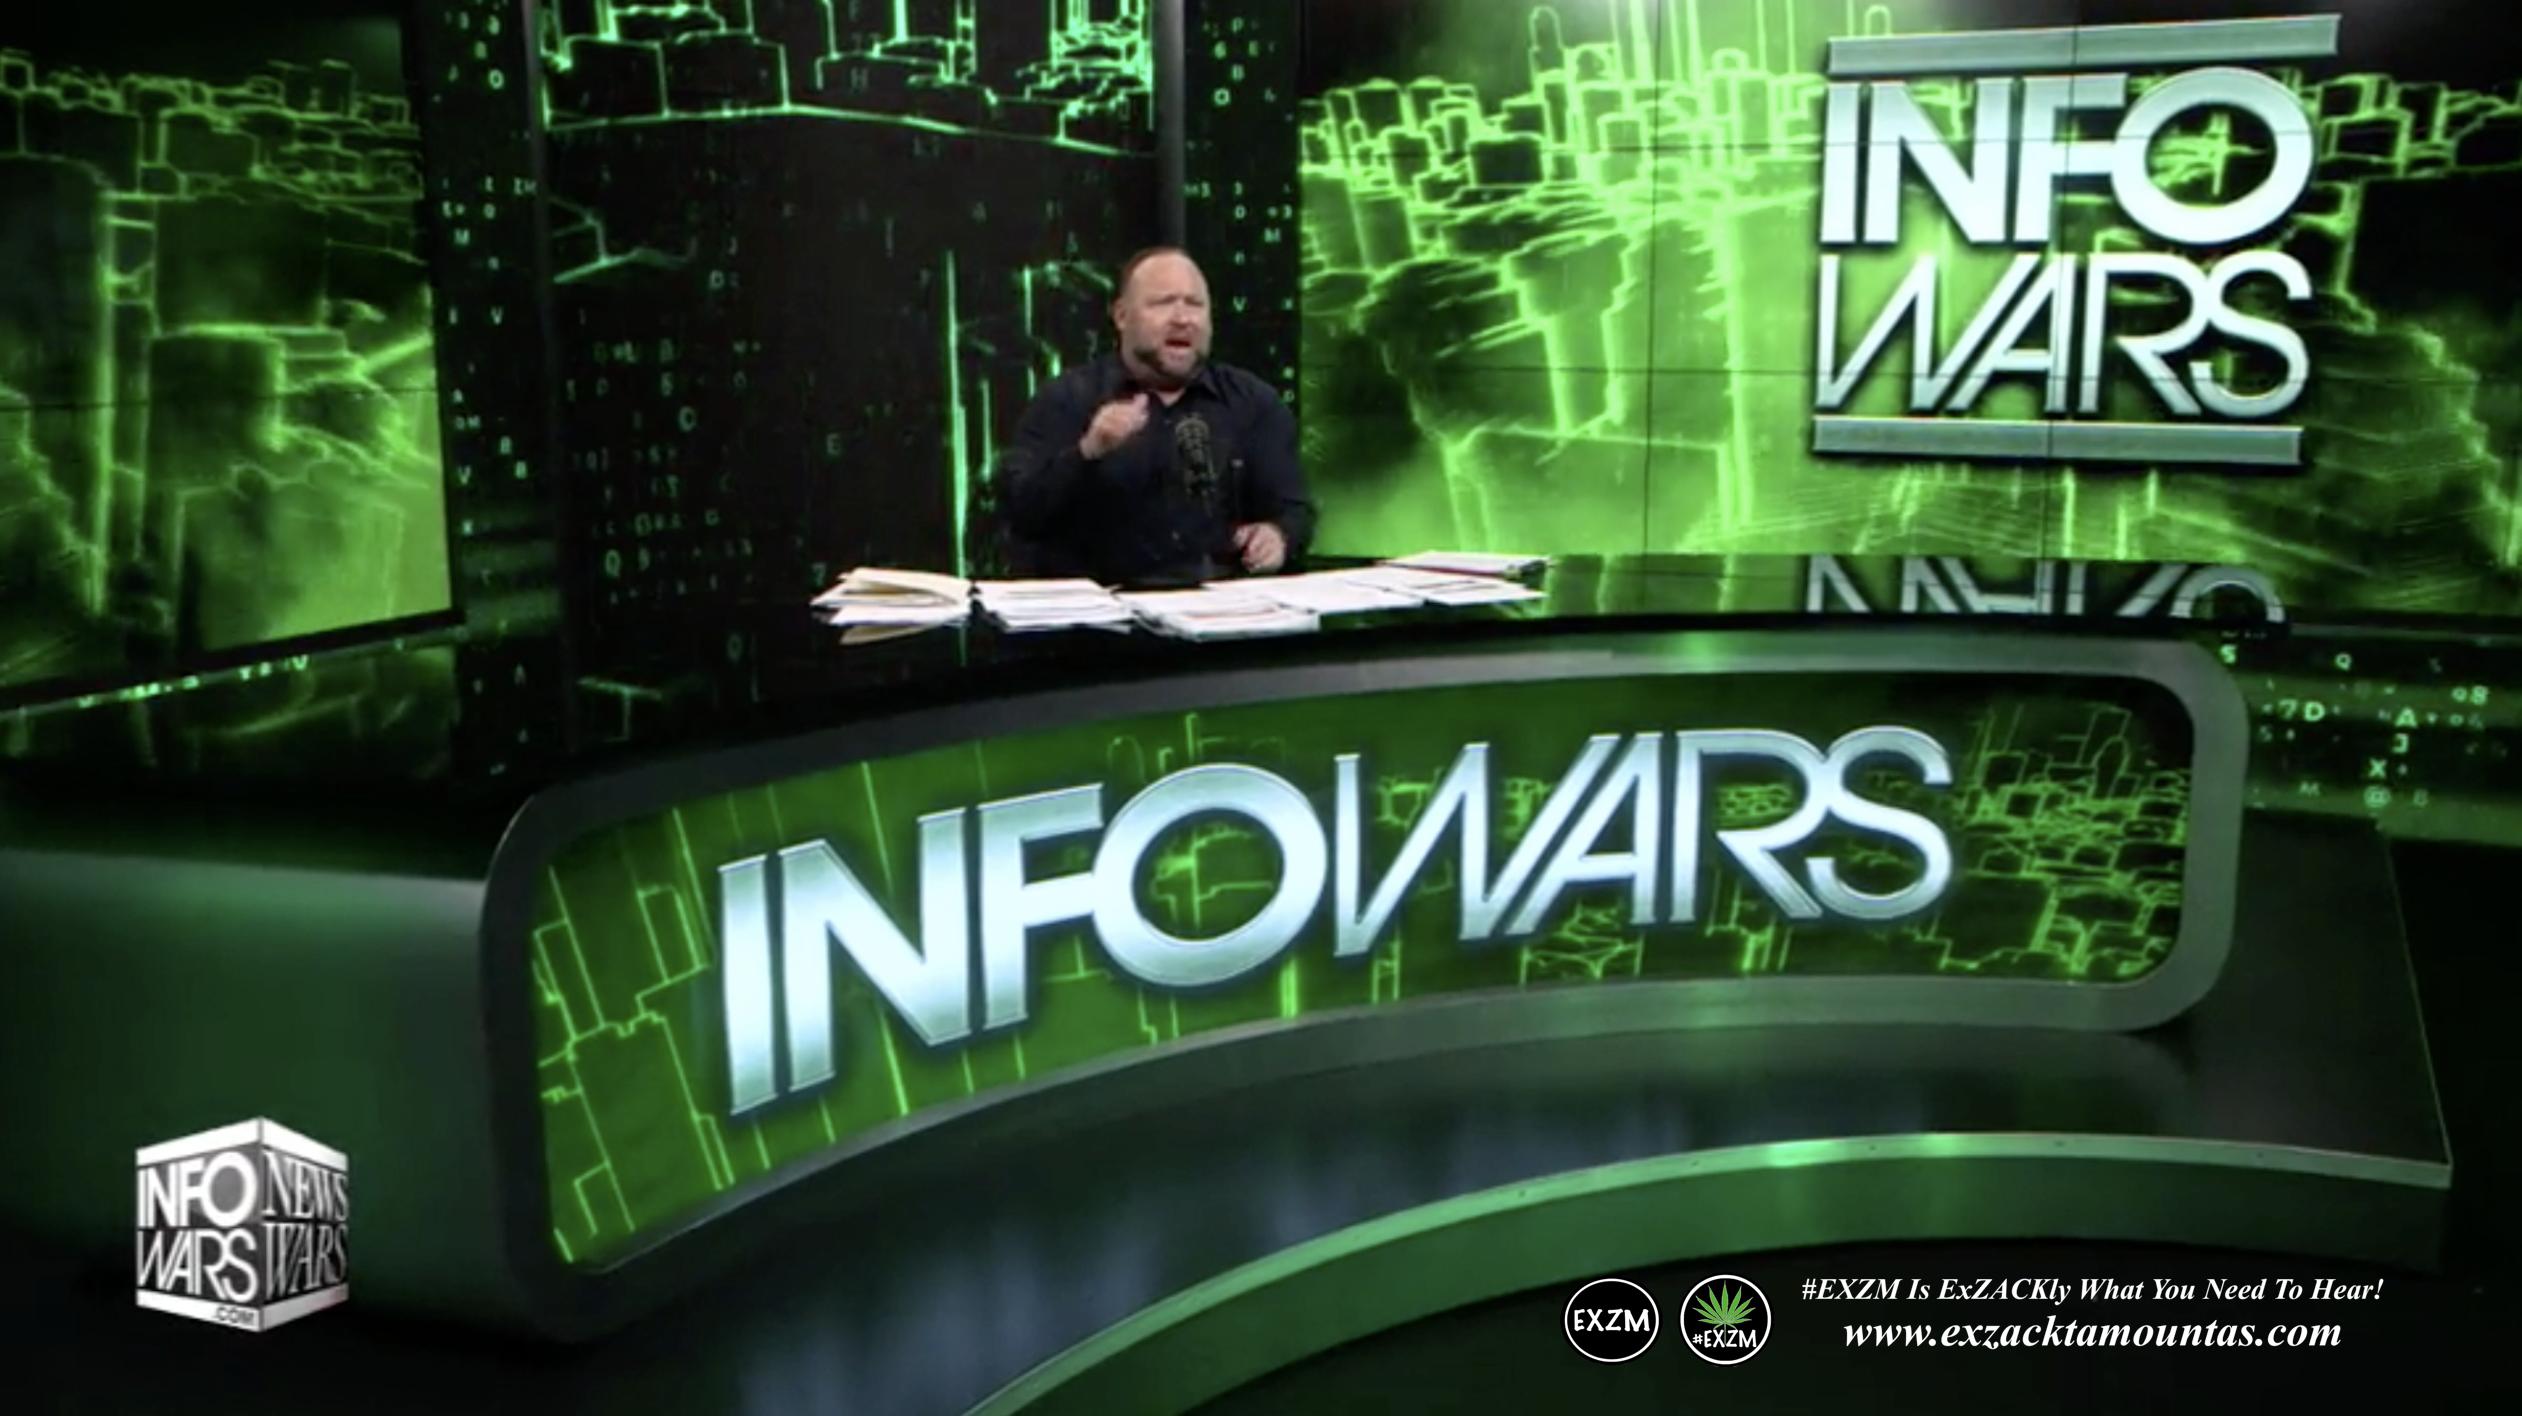 Alex Jones Infowars Studio EXZM Zack Mount February 11th 2021 copy